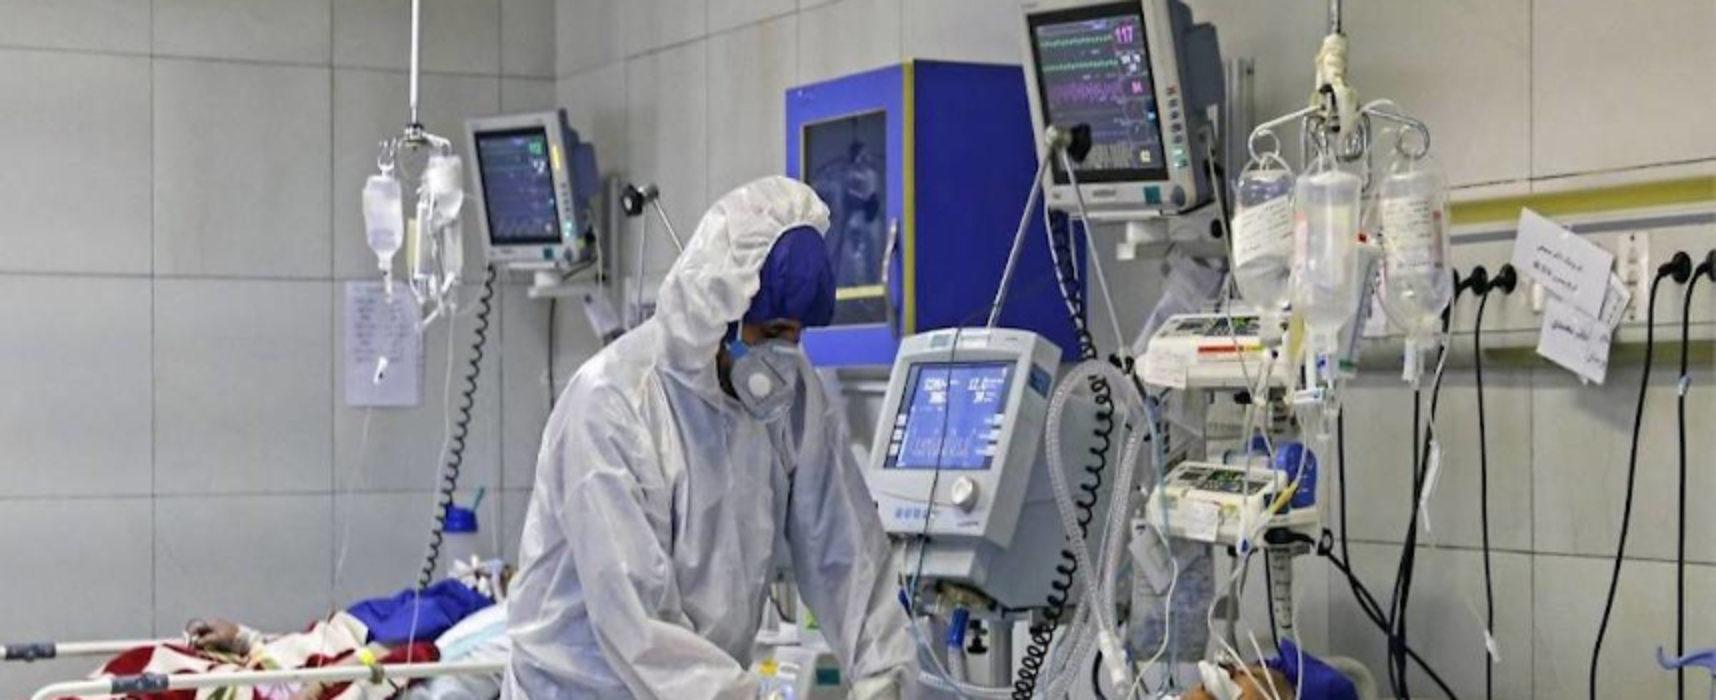 Covid: in Puglia 657 nuovi positivi su 3mila test, 7 decessi nella Bat